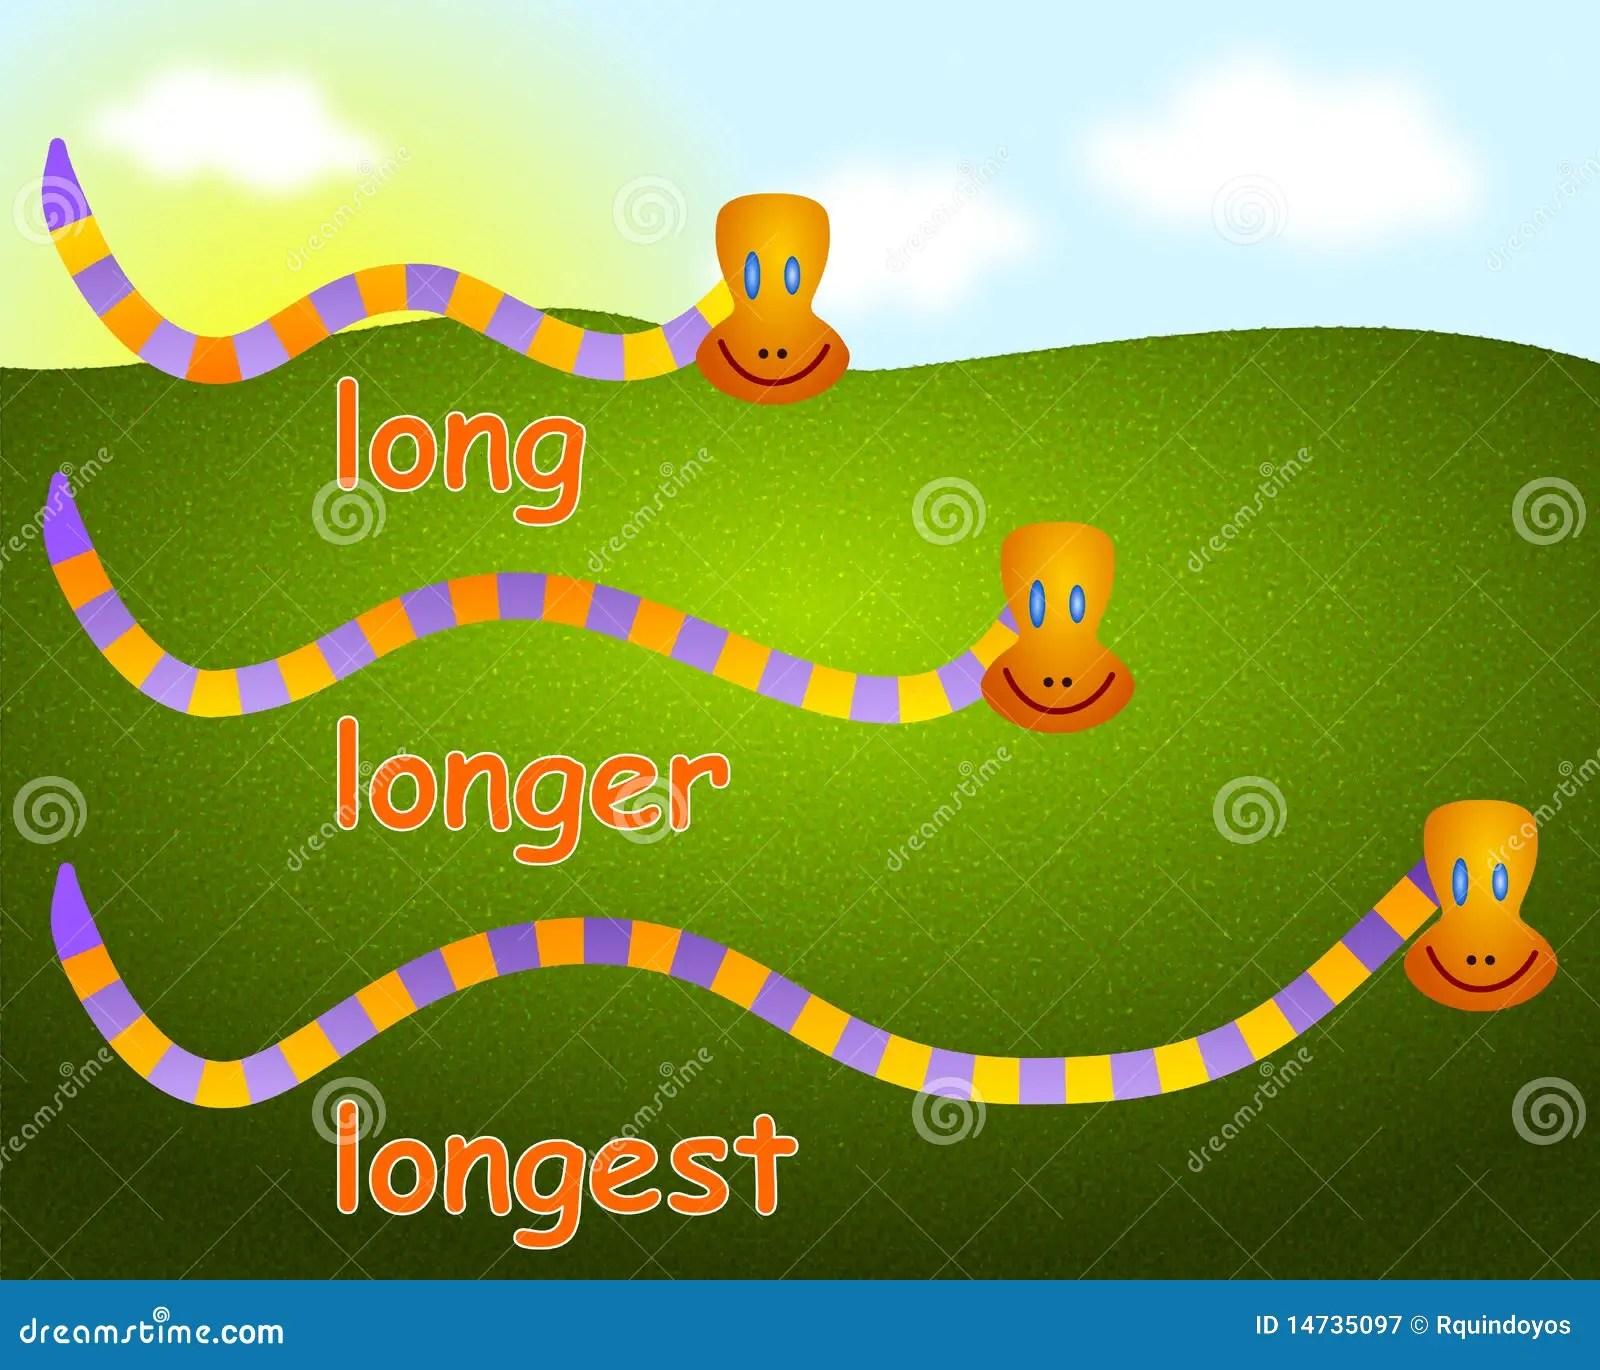 Long Longer Longest Worksheet